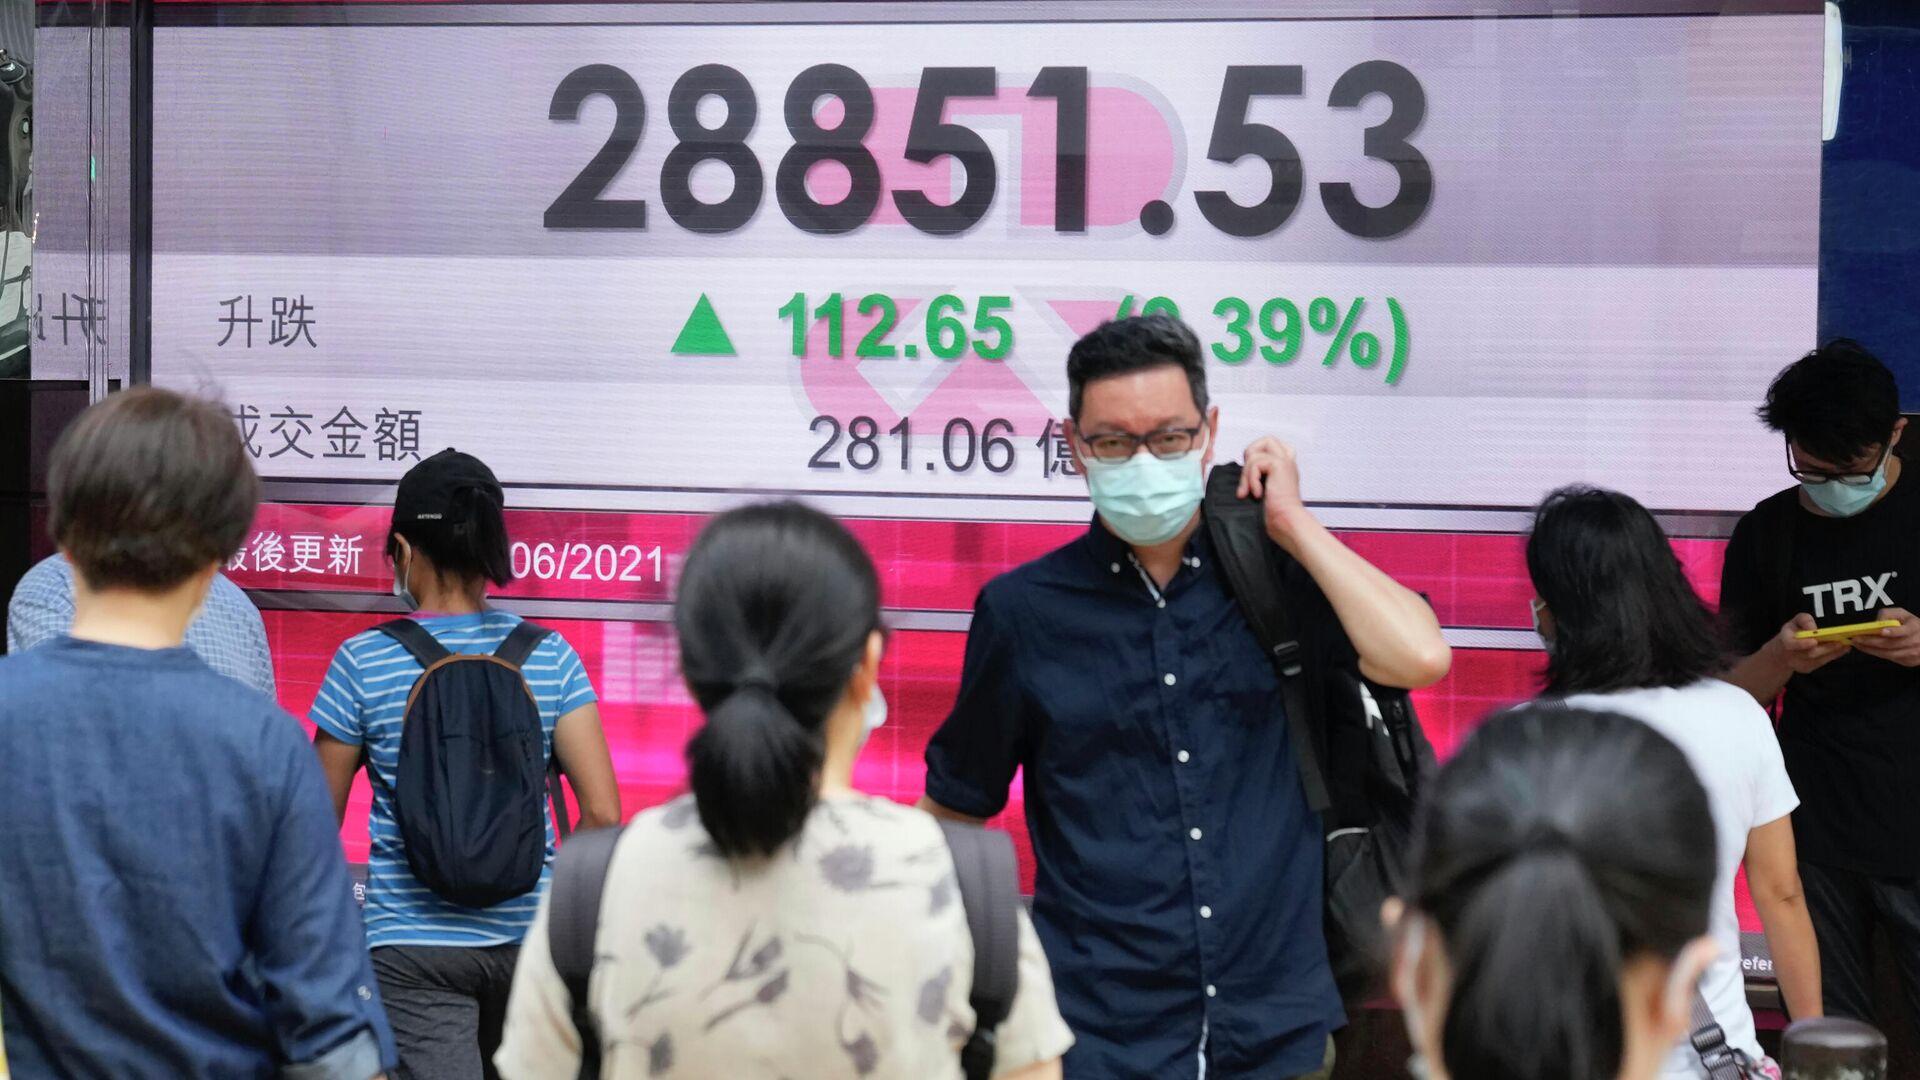 Люди в защитных масках проходят мимо табло с котировками ценных бумаг в Гонконге - РИА Новости, 1920, 22.07.2021